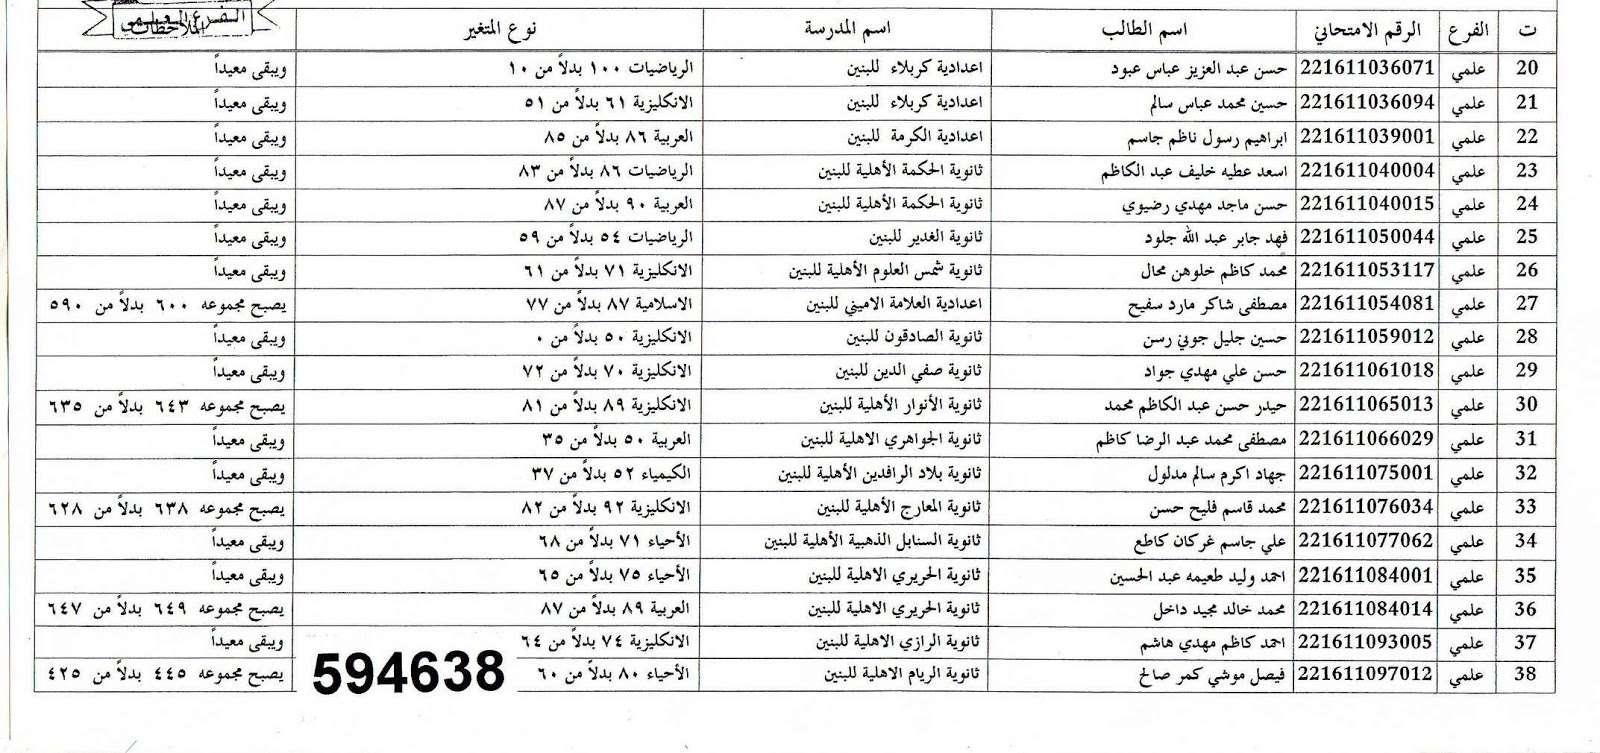 عاجل نتائج اعتراضات السادس الاعدادي في ذي قار 2016 015